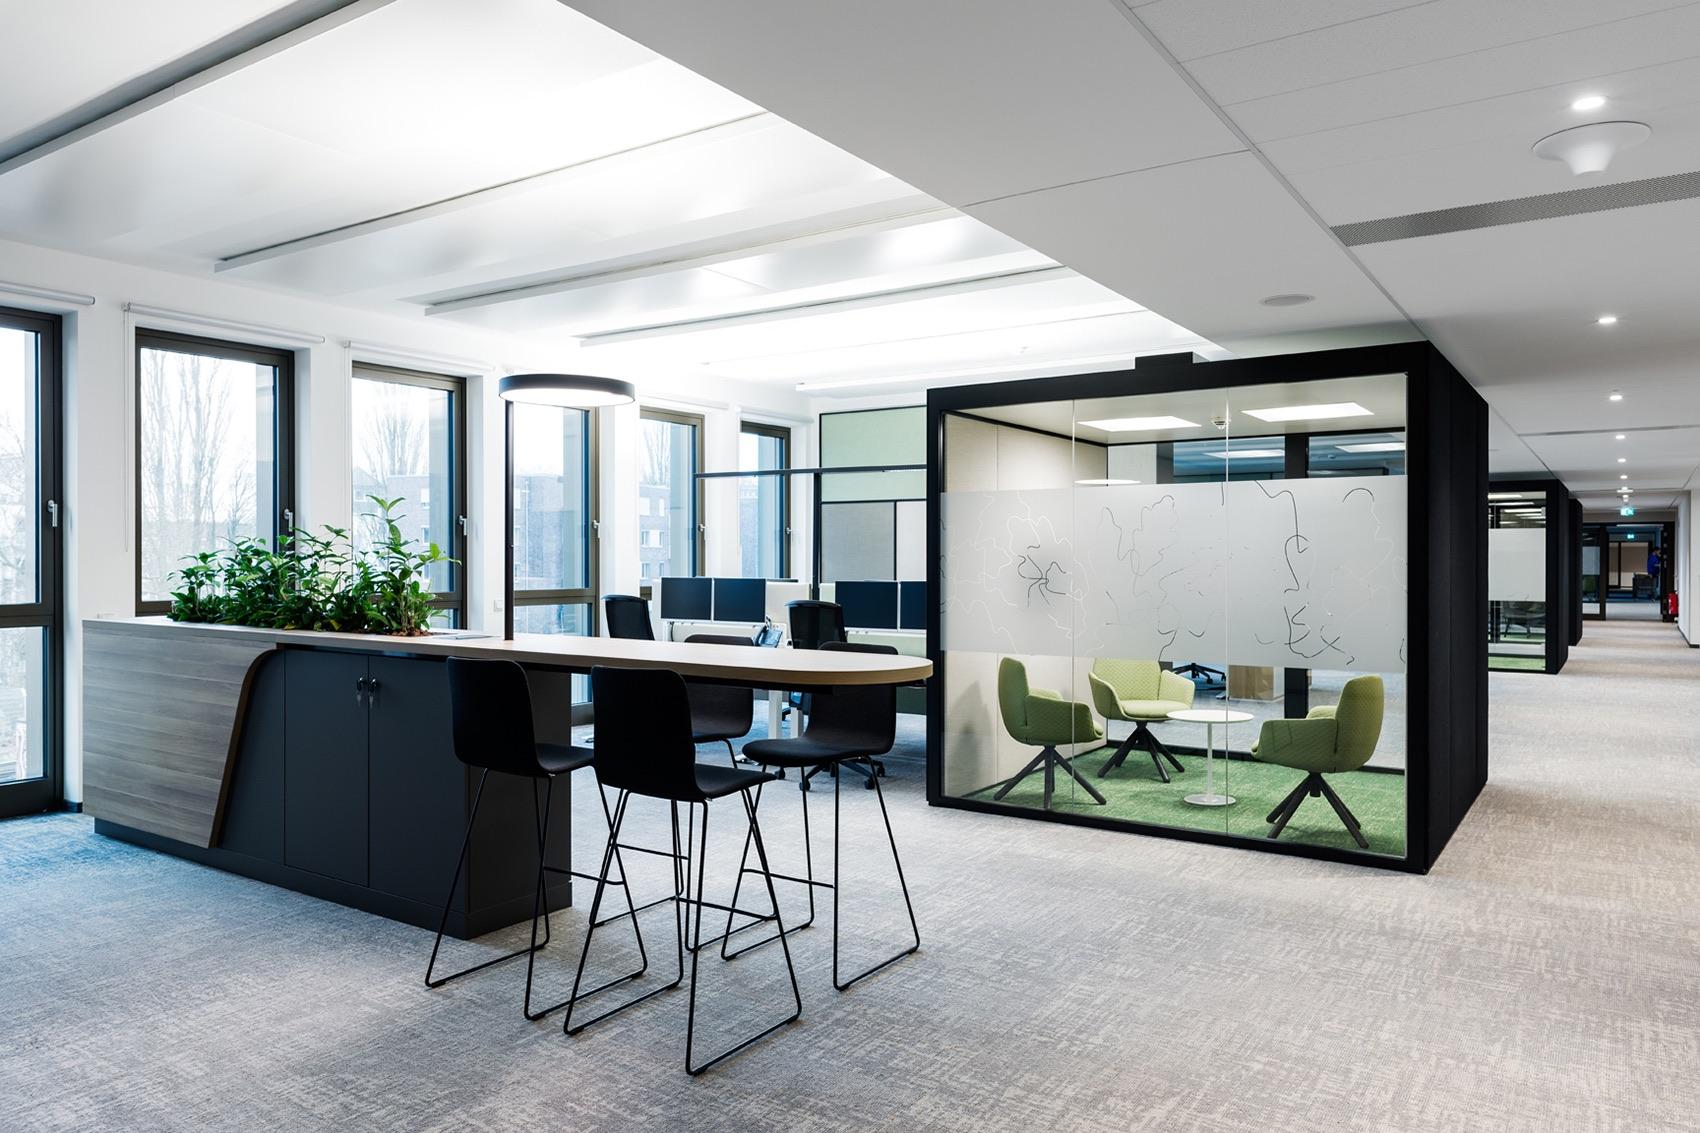 euler-hermes-hamburg-office-20